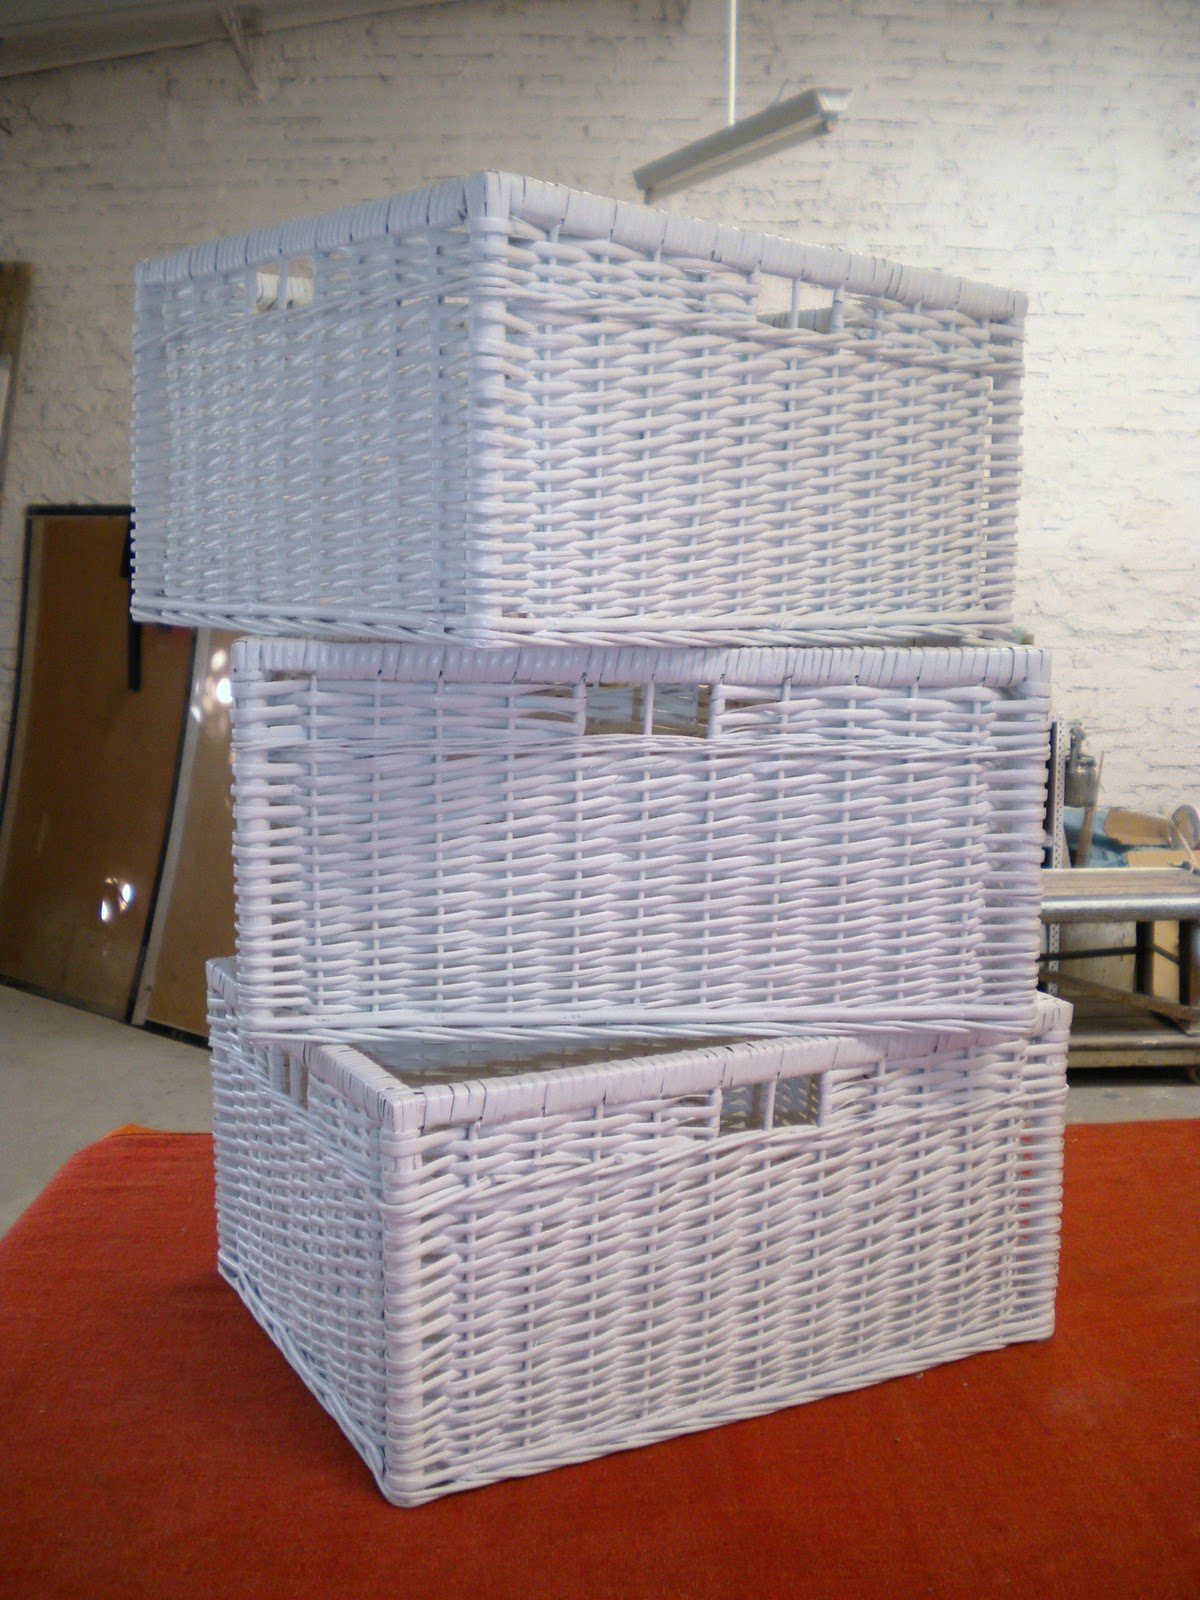 Restauraci n y laqueado de muebles canastos de mimbre - Muebles con cajones de mimbre ...